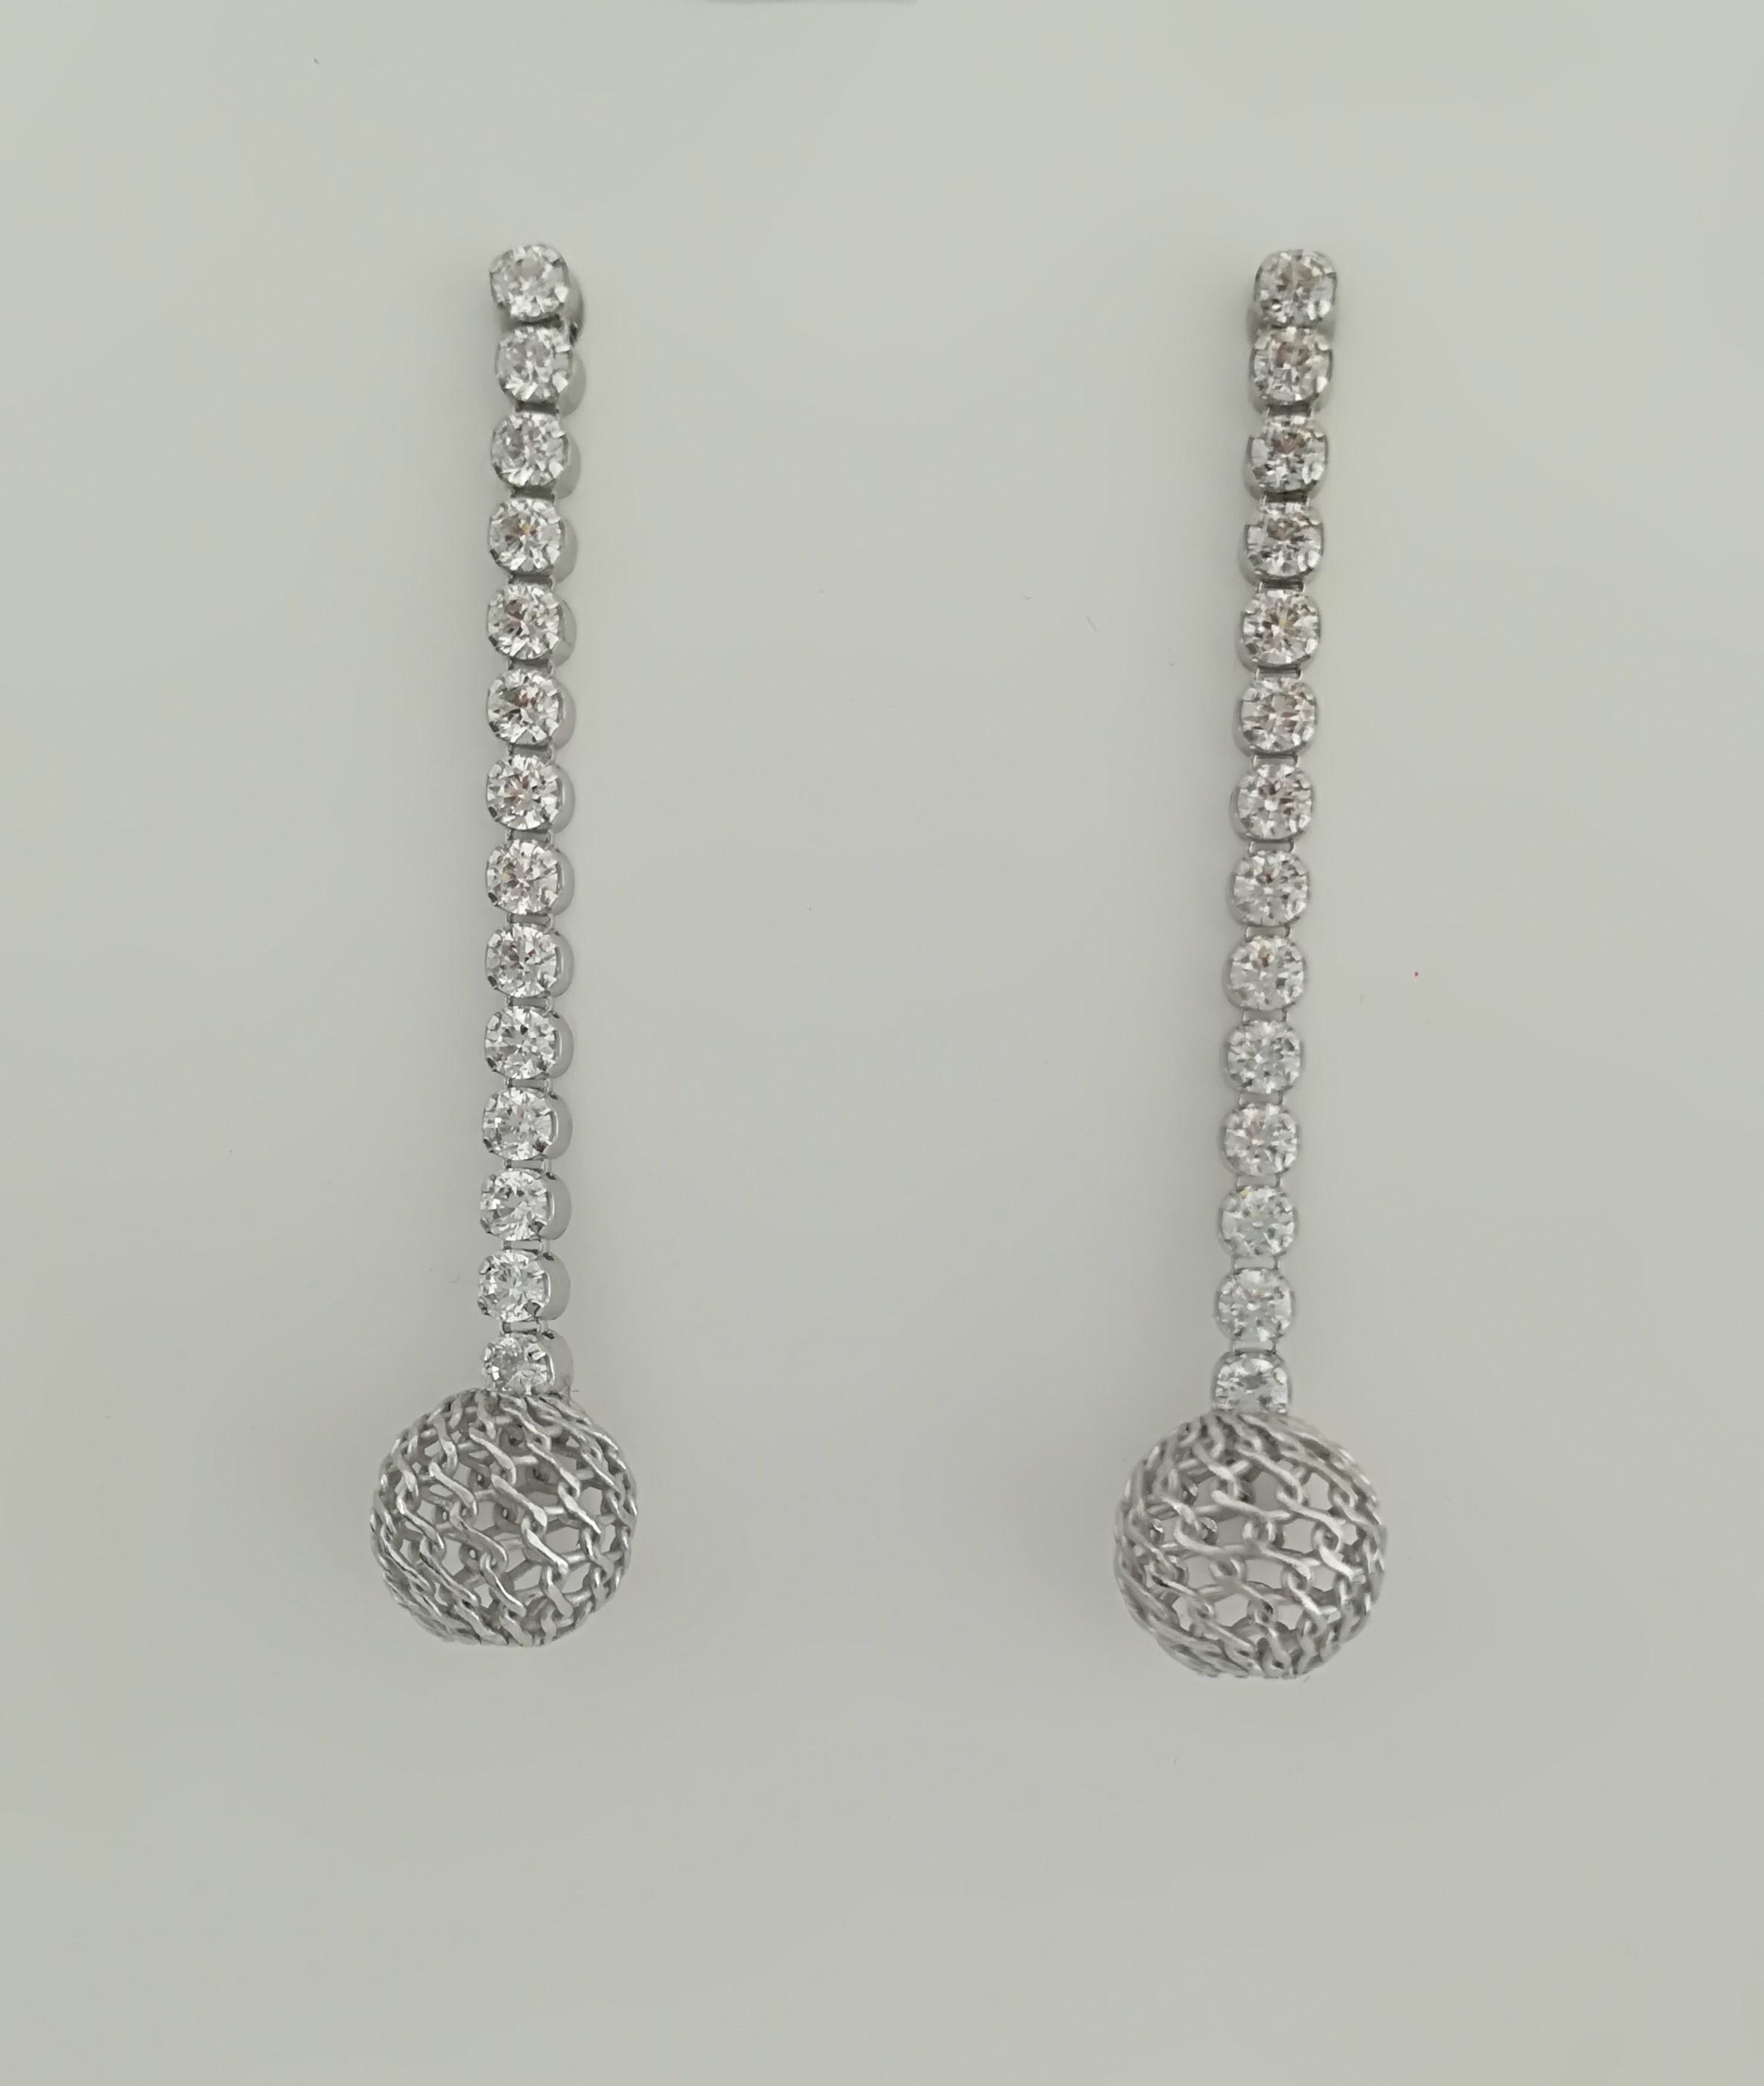 orecchini argento rodiato tennis di zirconi e sfera a calza